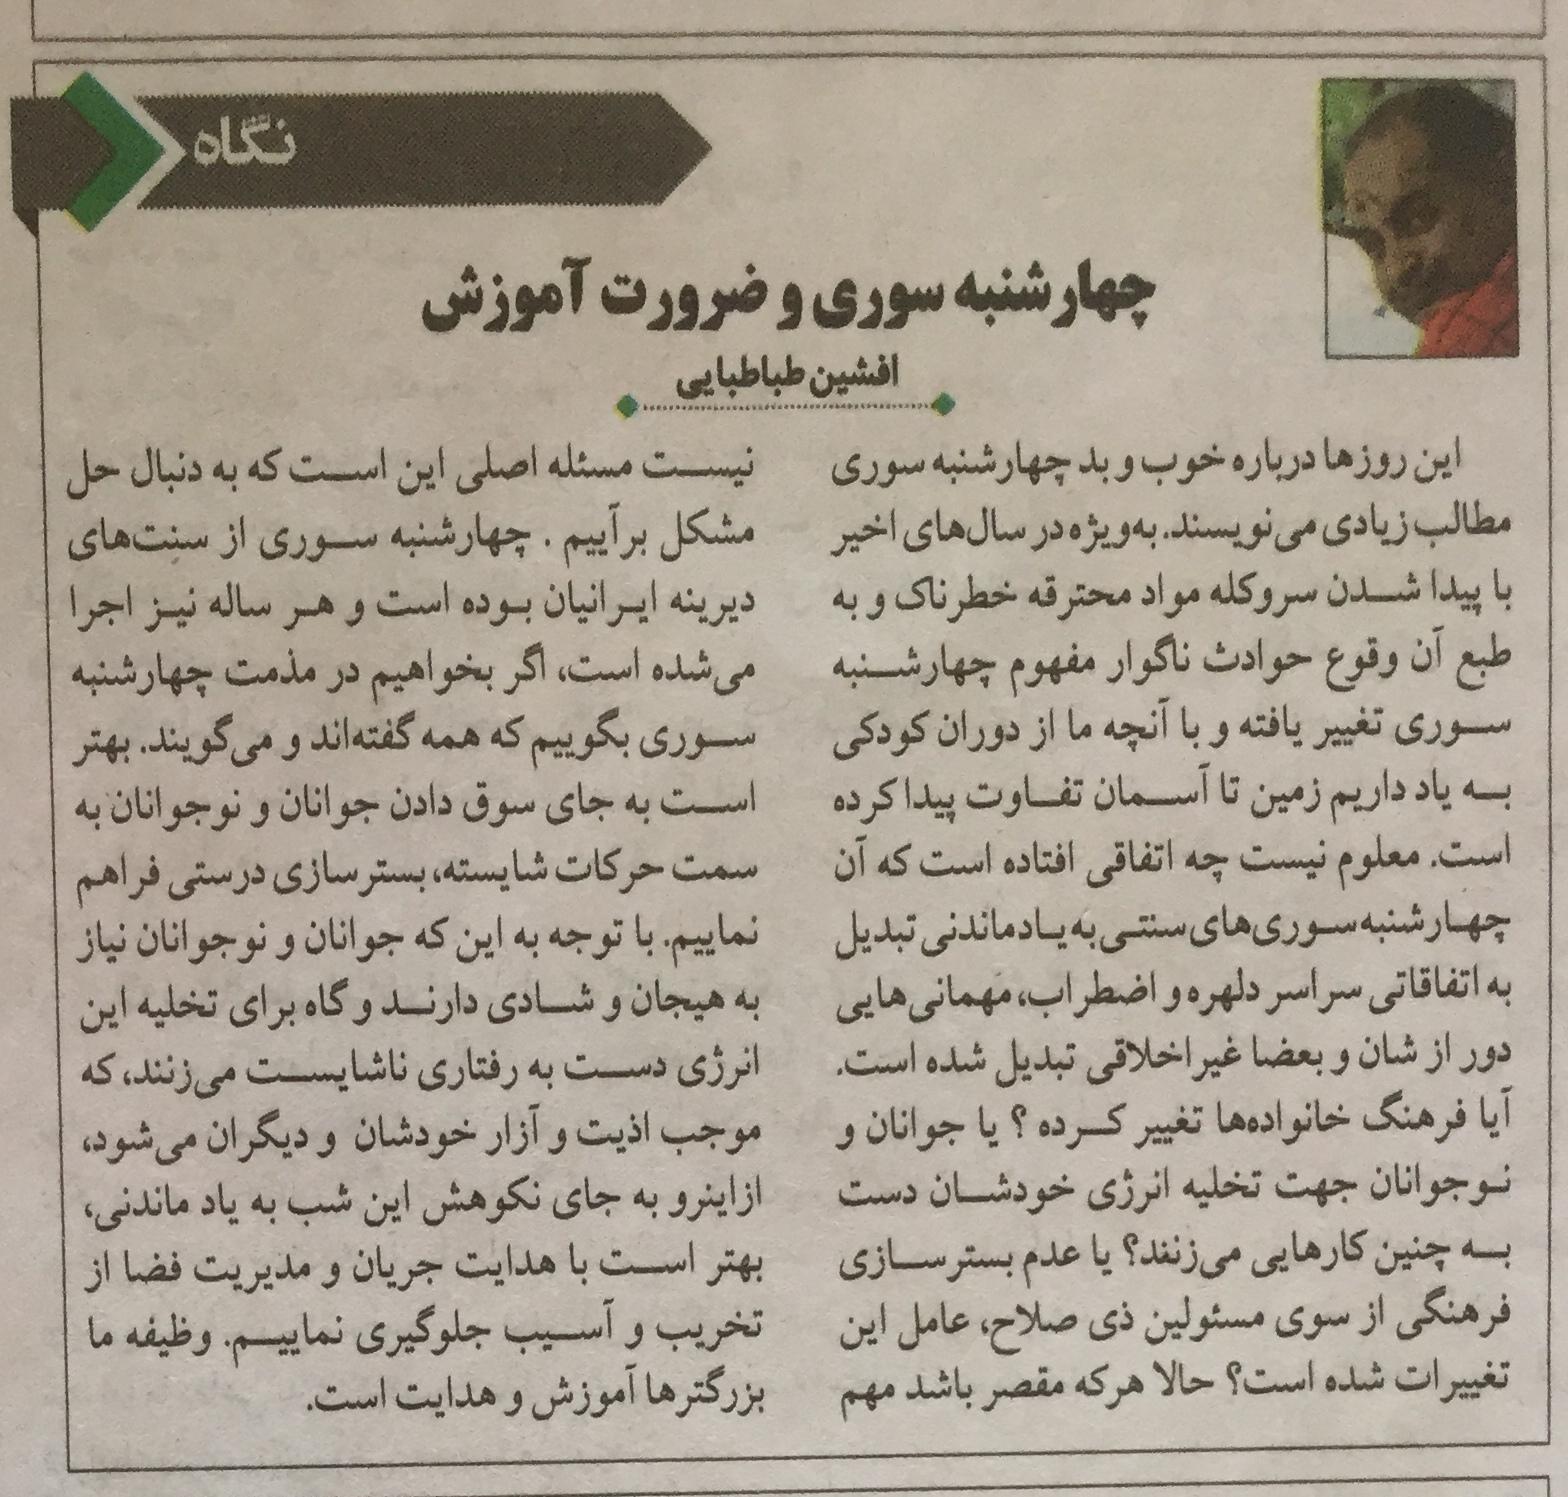 روزنامه: چهارشنبه سوری و ضرورت آموزش - دکتر طباطبایی